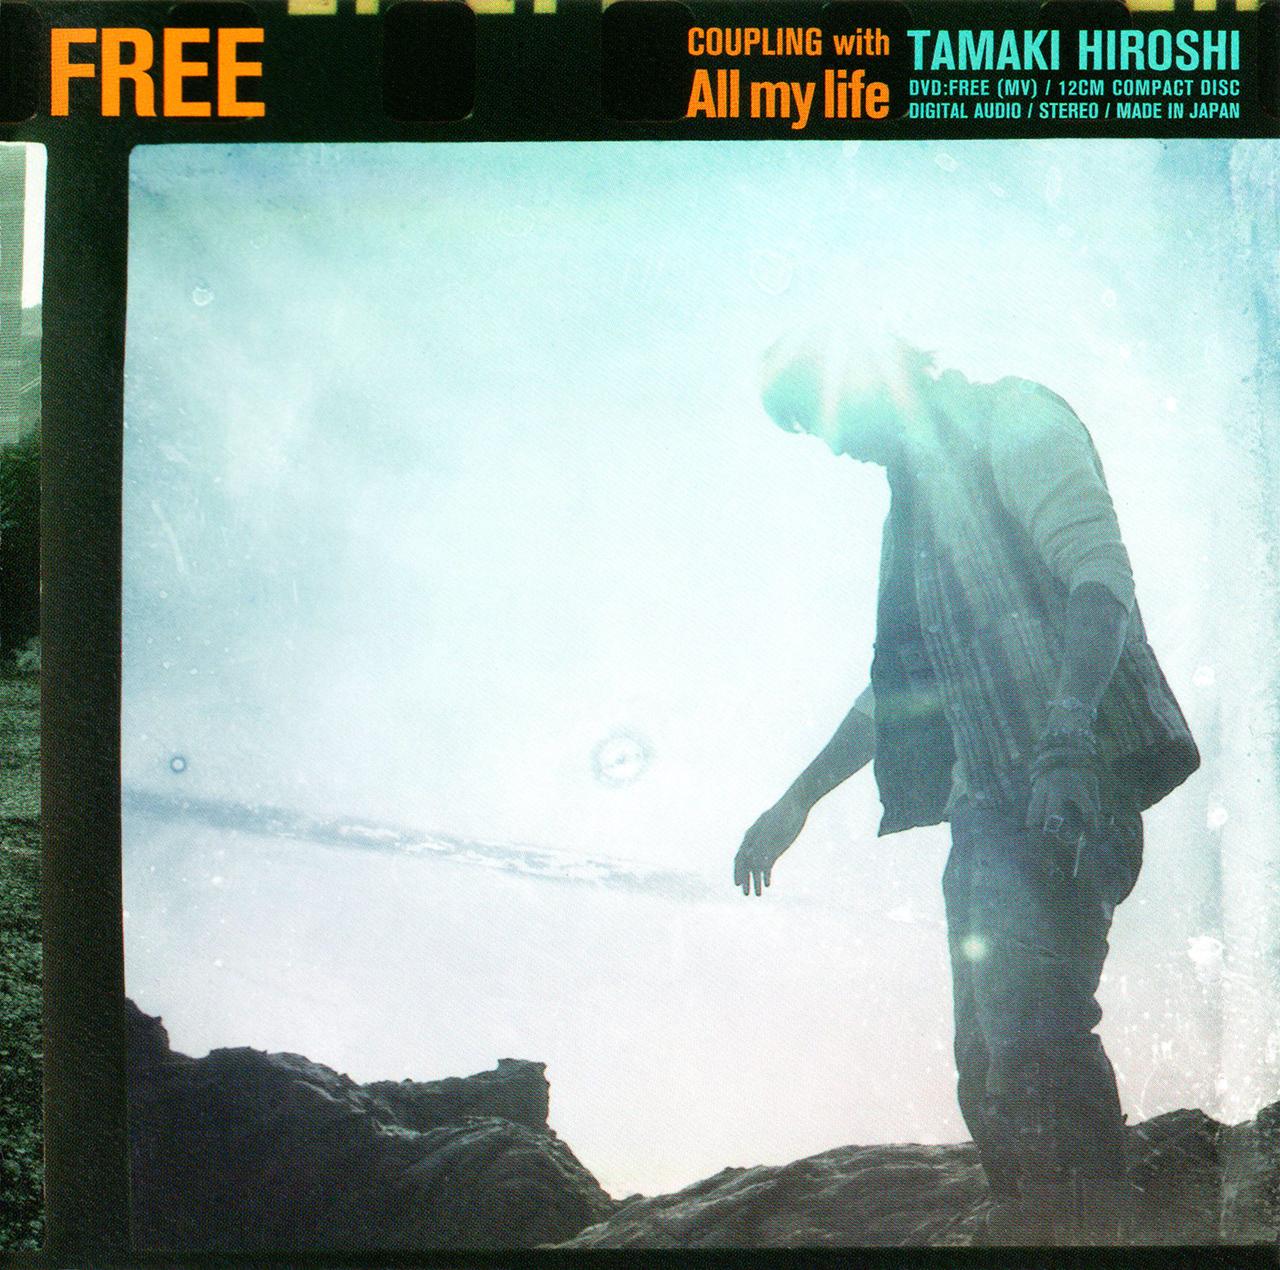 玉木宏『FREE』初回限定盤A 高画質ジャケット画像